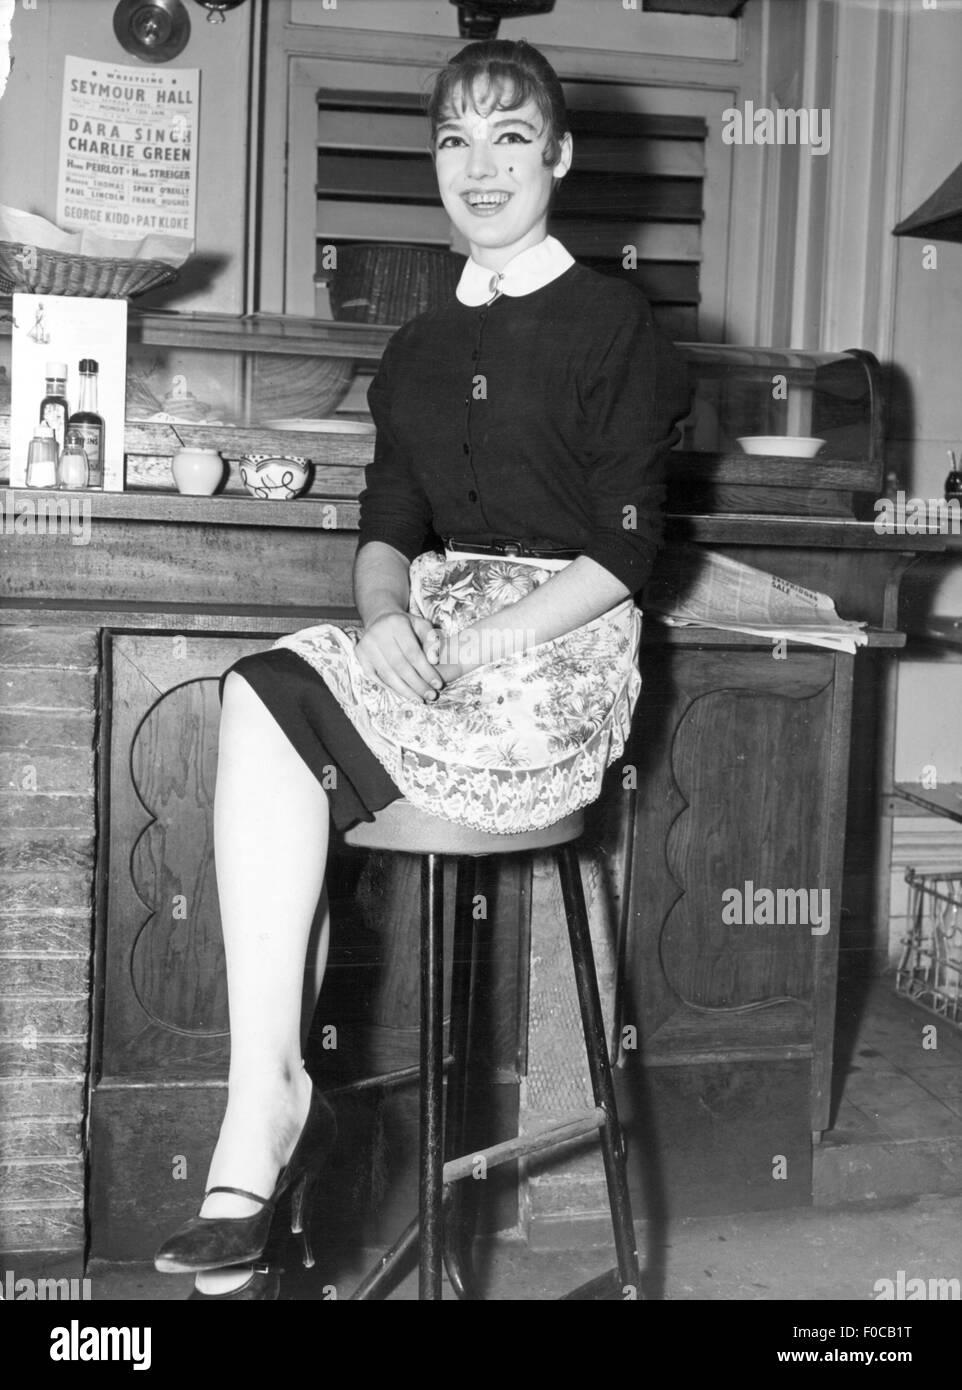 Donne, persone e 50s, runaway Maureen Chapman presso il suo nuovo posto di lavoro come segretaria in un Jazz Club Immagini Stock